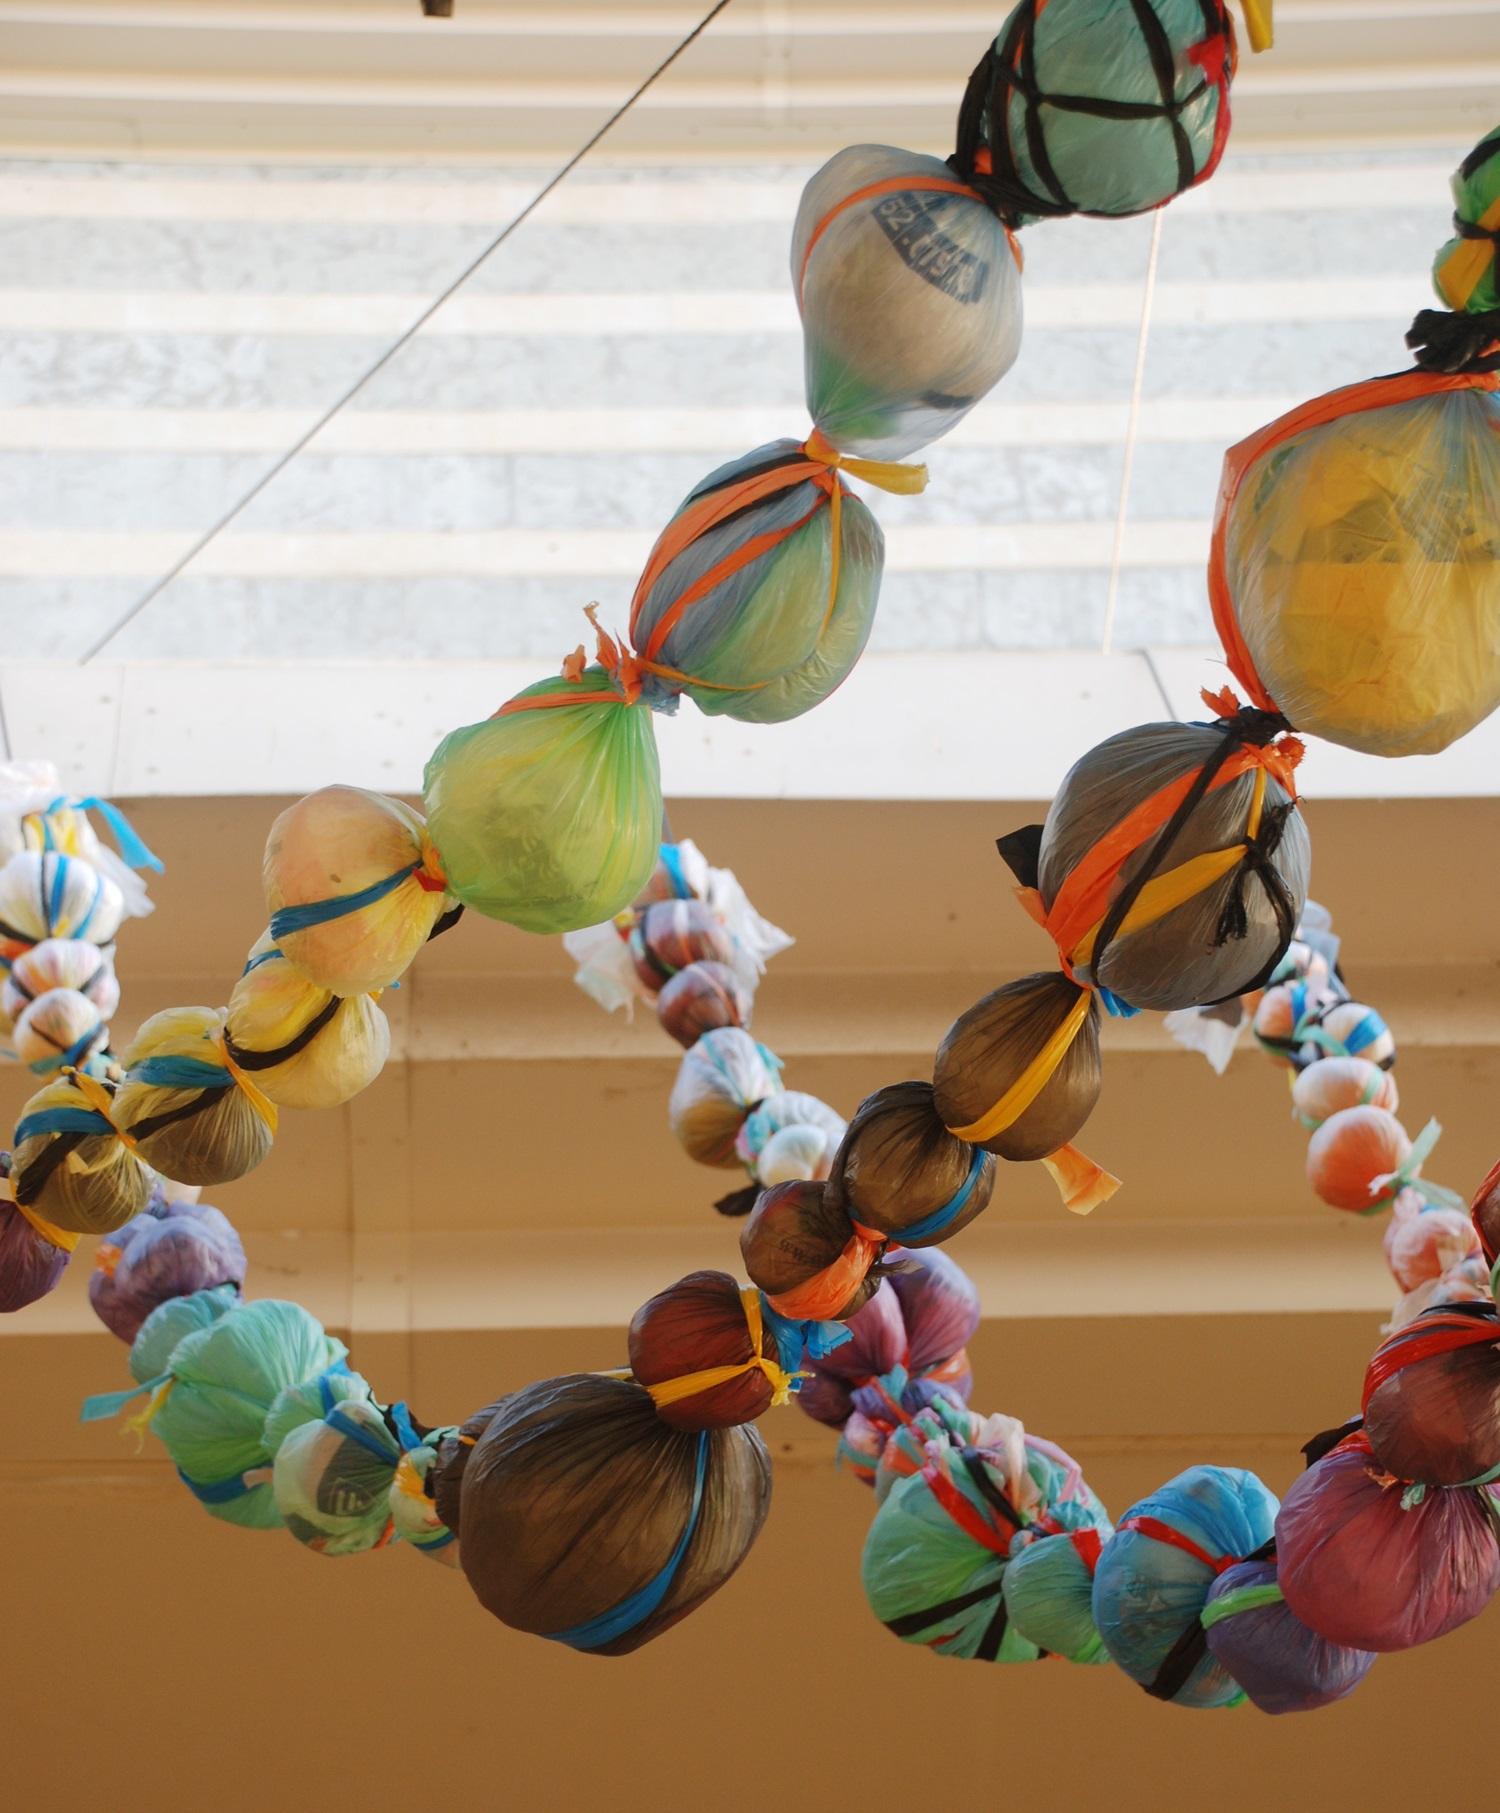 beads_liron010.jpg